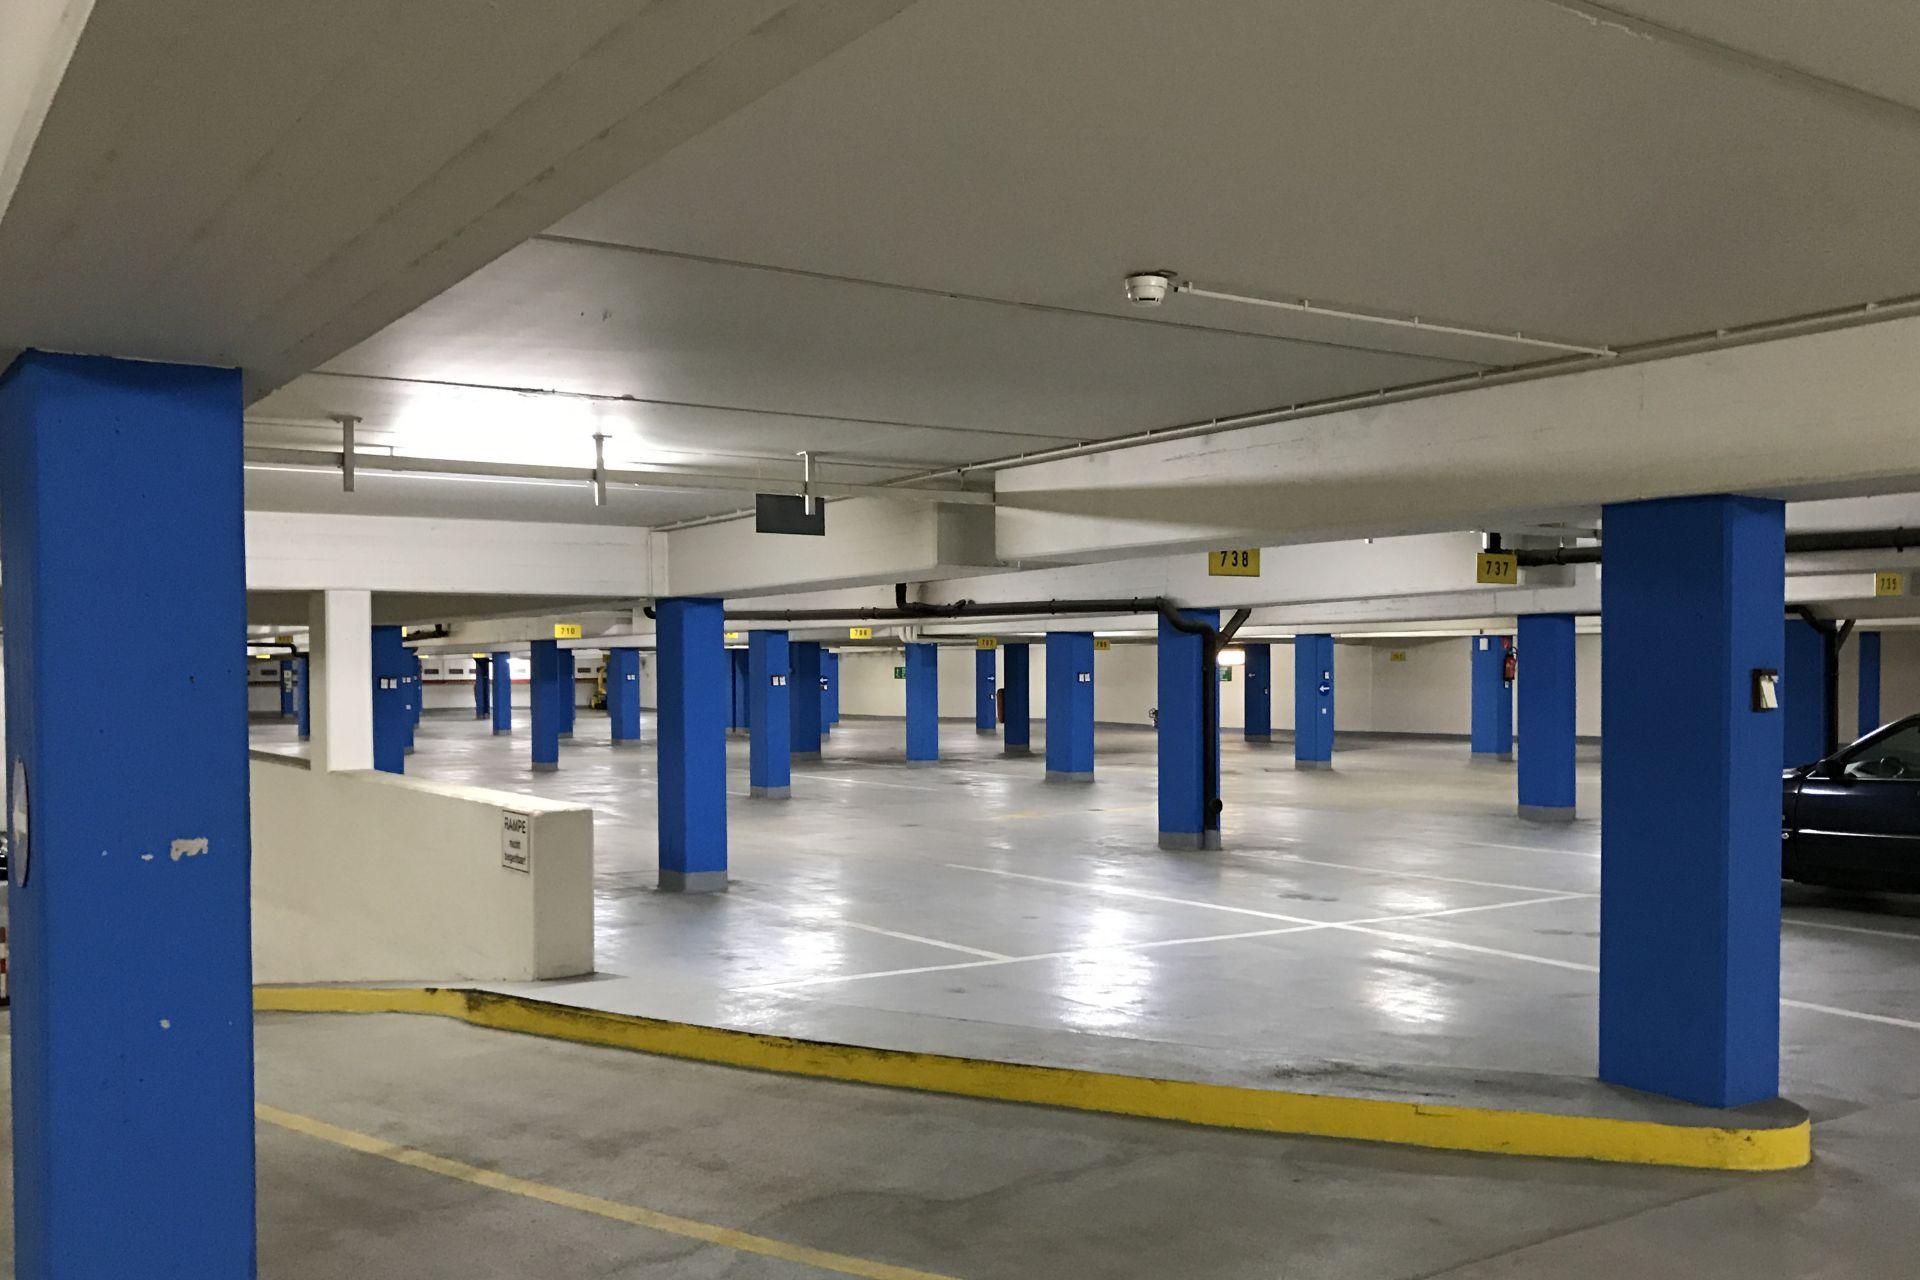 Gut geplante Raumaufteilung sorgt für rund 600 Stellplätze